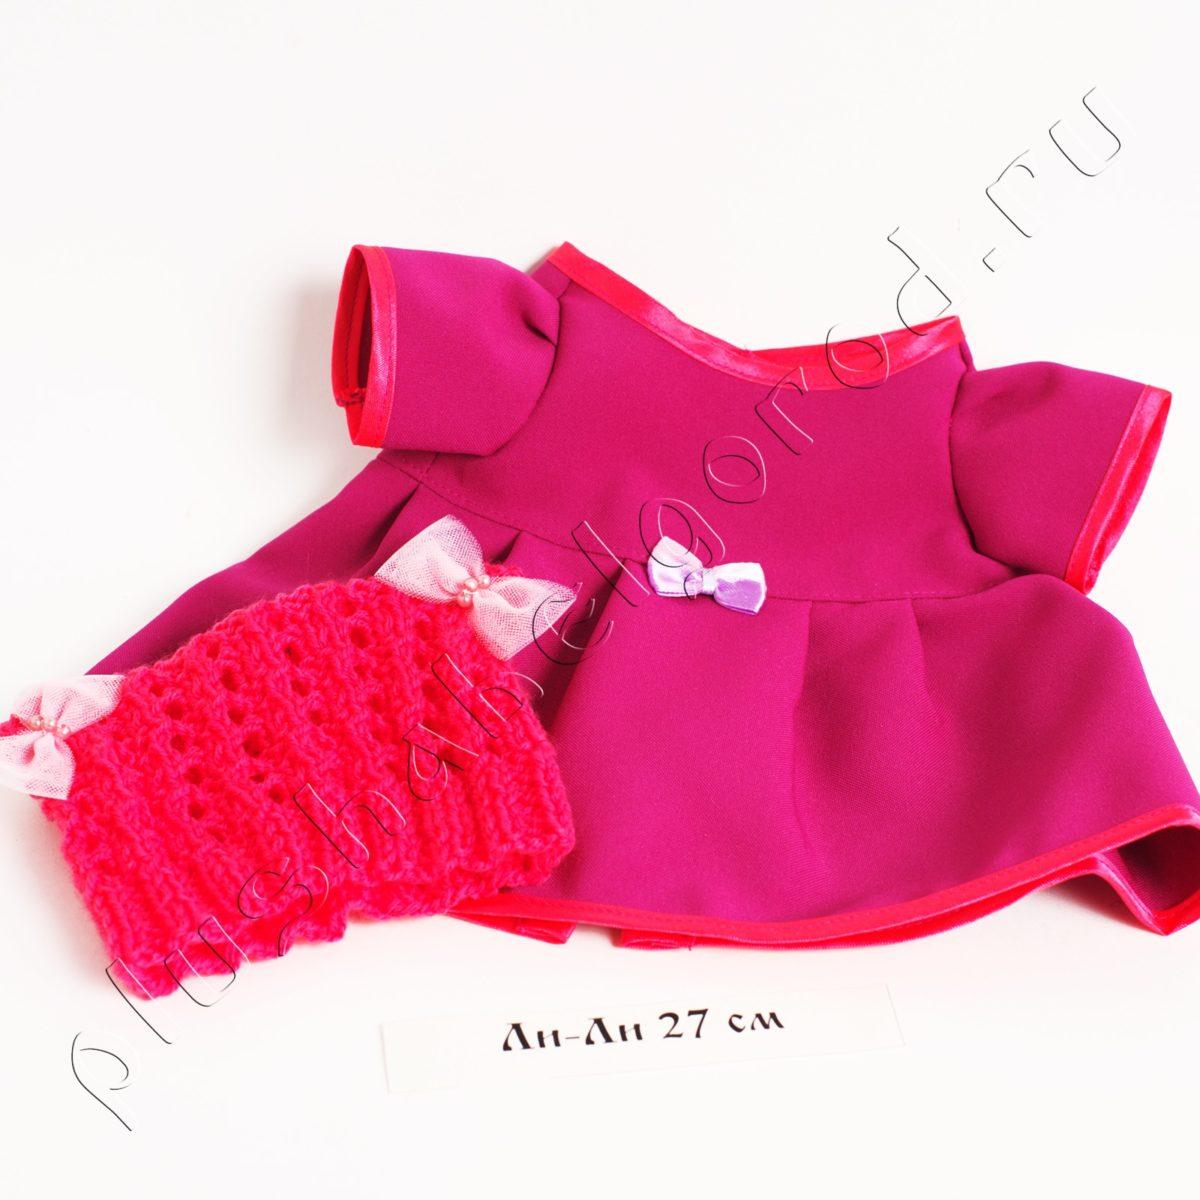 Выгода 120₽! Платье и шапочка розовая с бантиками